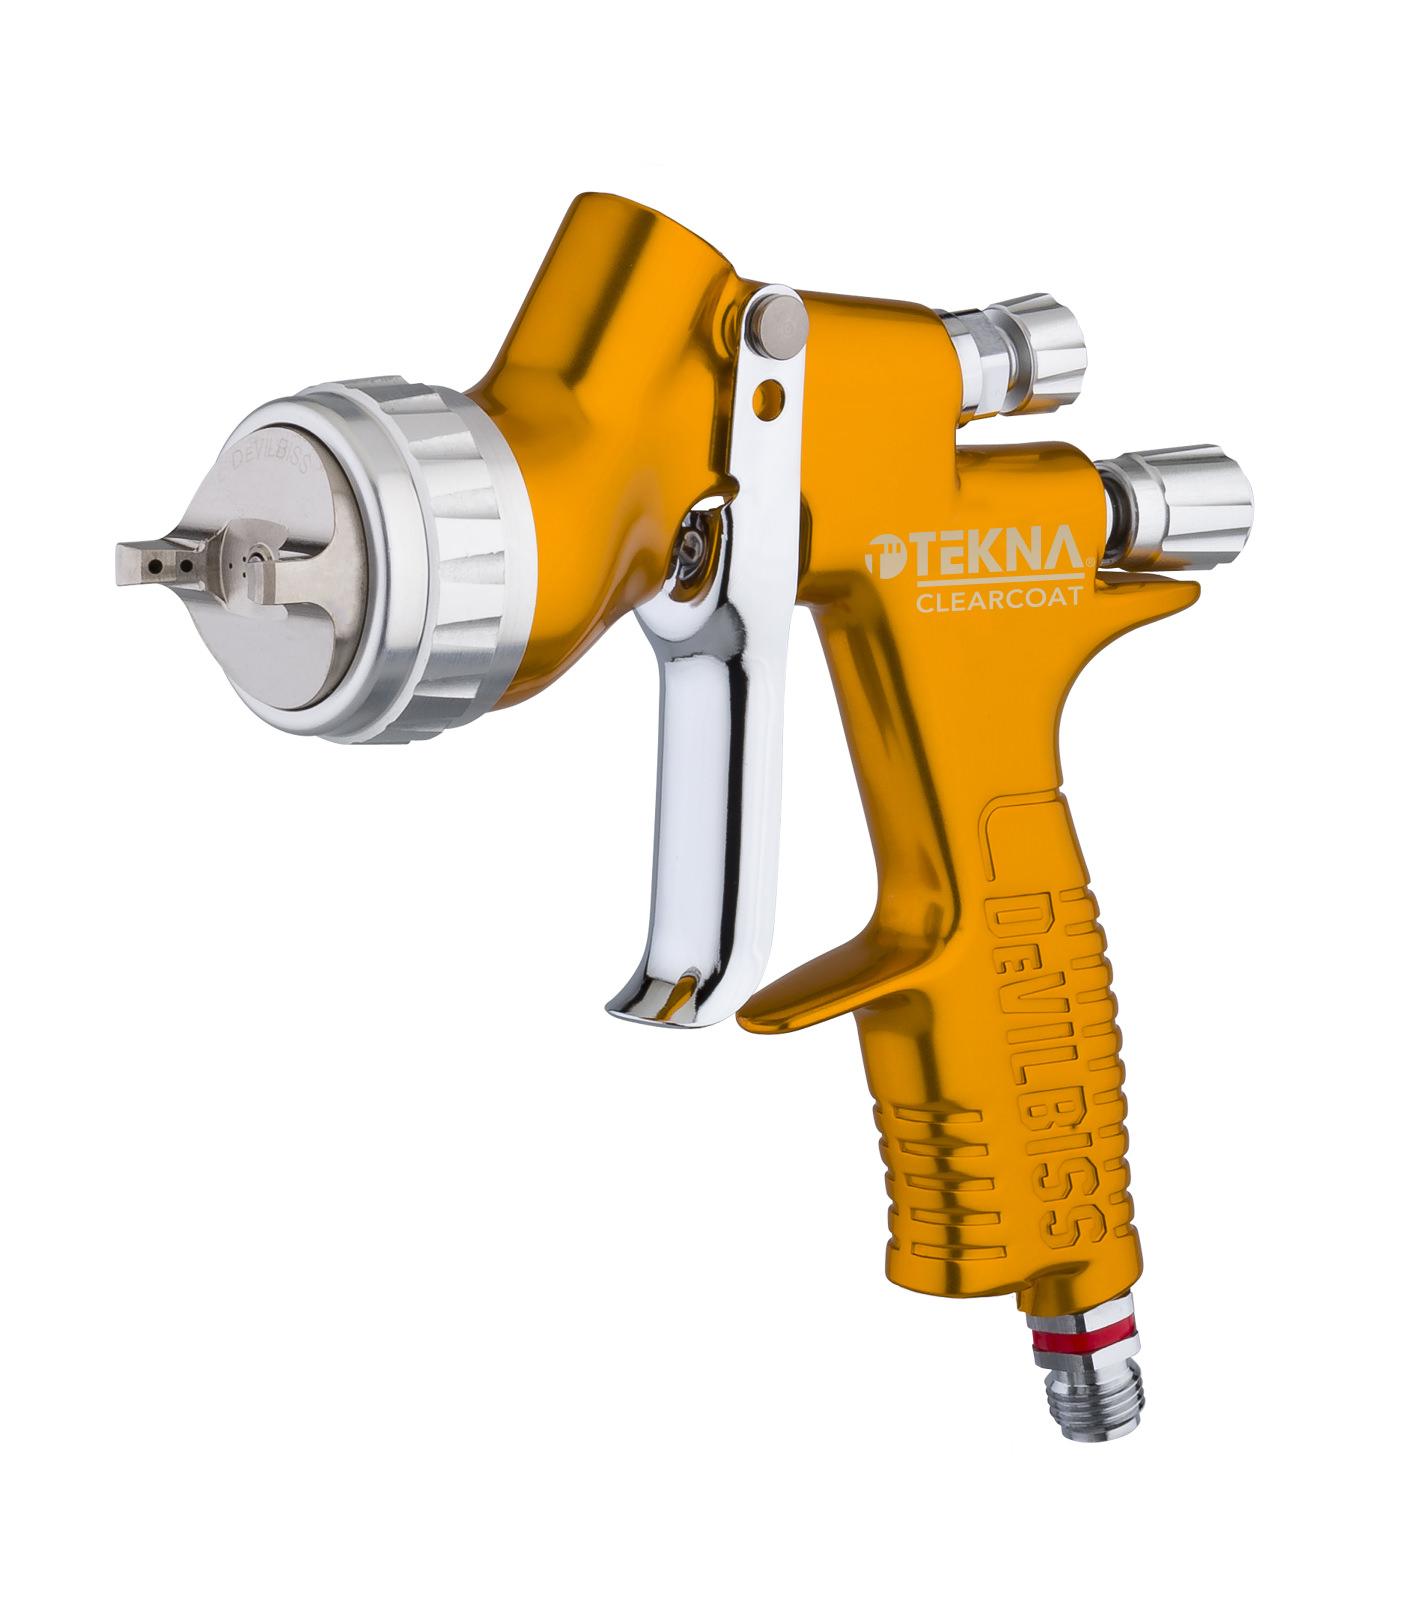 Tekna 174 Clearcoat Premium Spray Gun